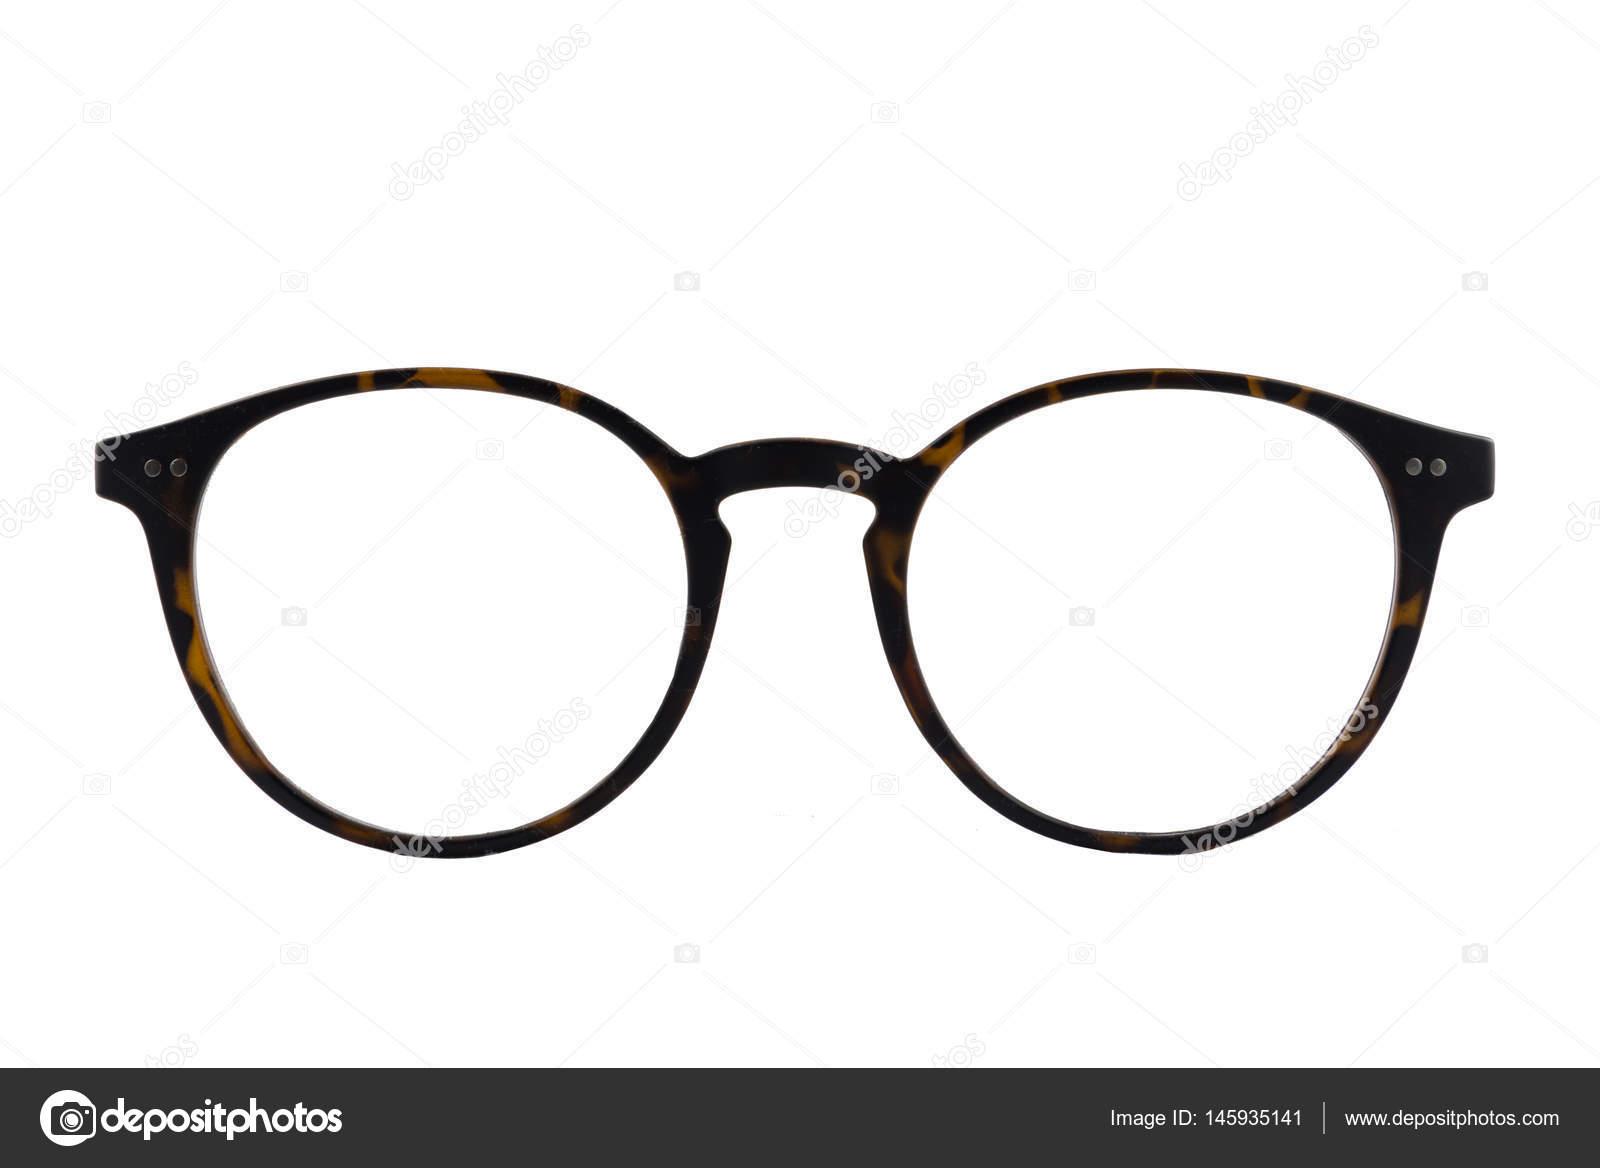 Elszigetelt teknősbékahéj retro kerek szemüveg keret fehér háttér — Fotó  szerzőtől ... e2fcf75369